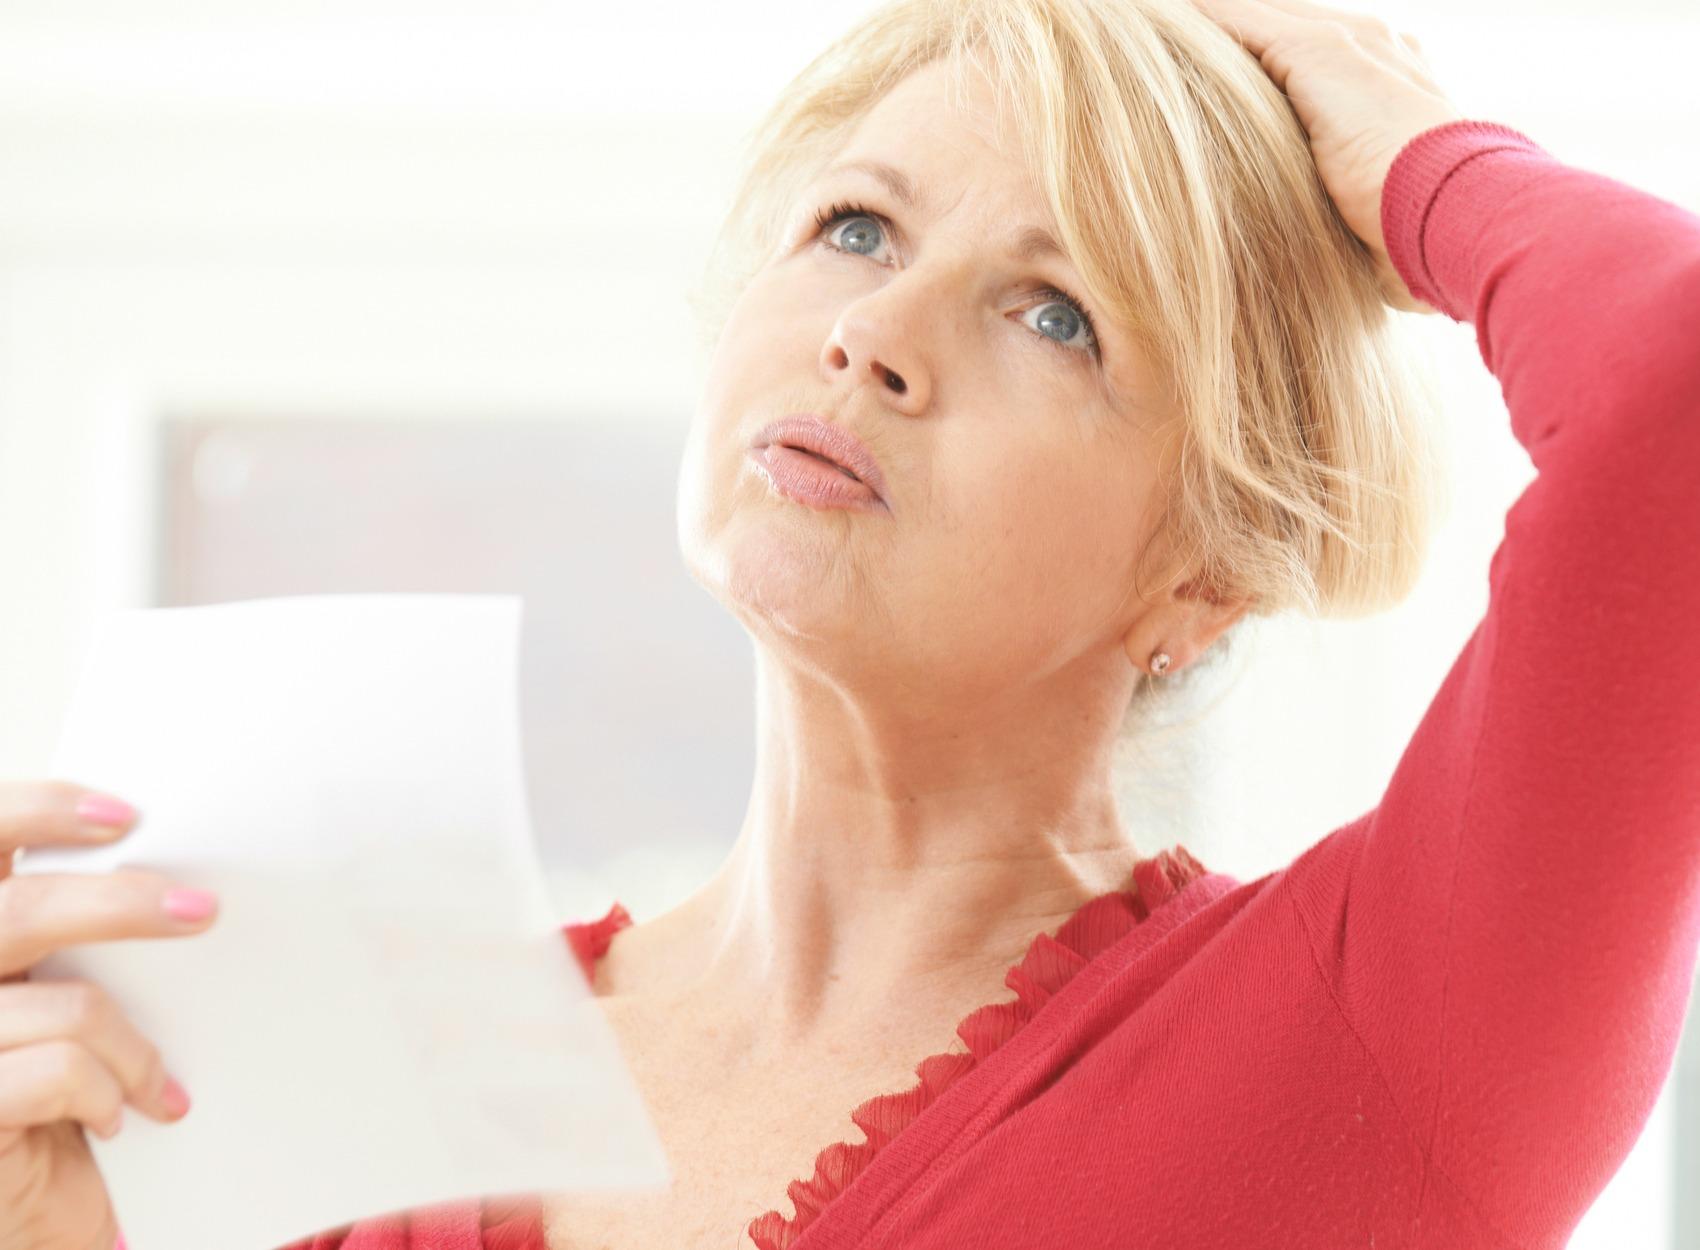 Diete Per Perdere Peso In Menopausa : Dimagrire in menopausa quali sono i trucchi giusti starbene